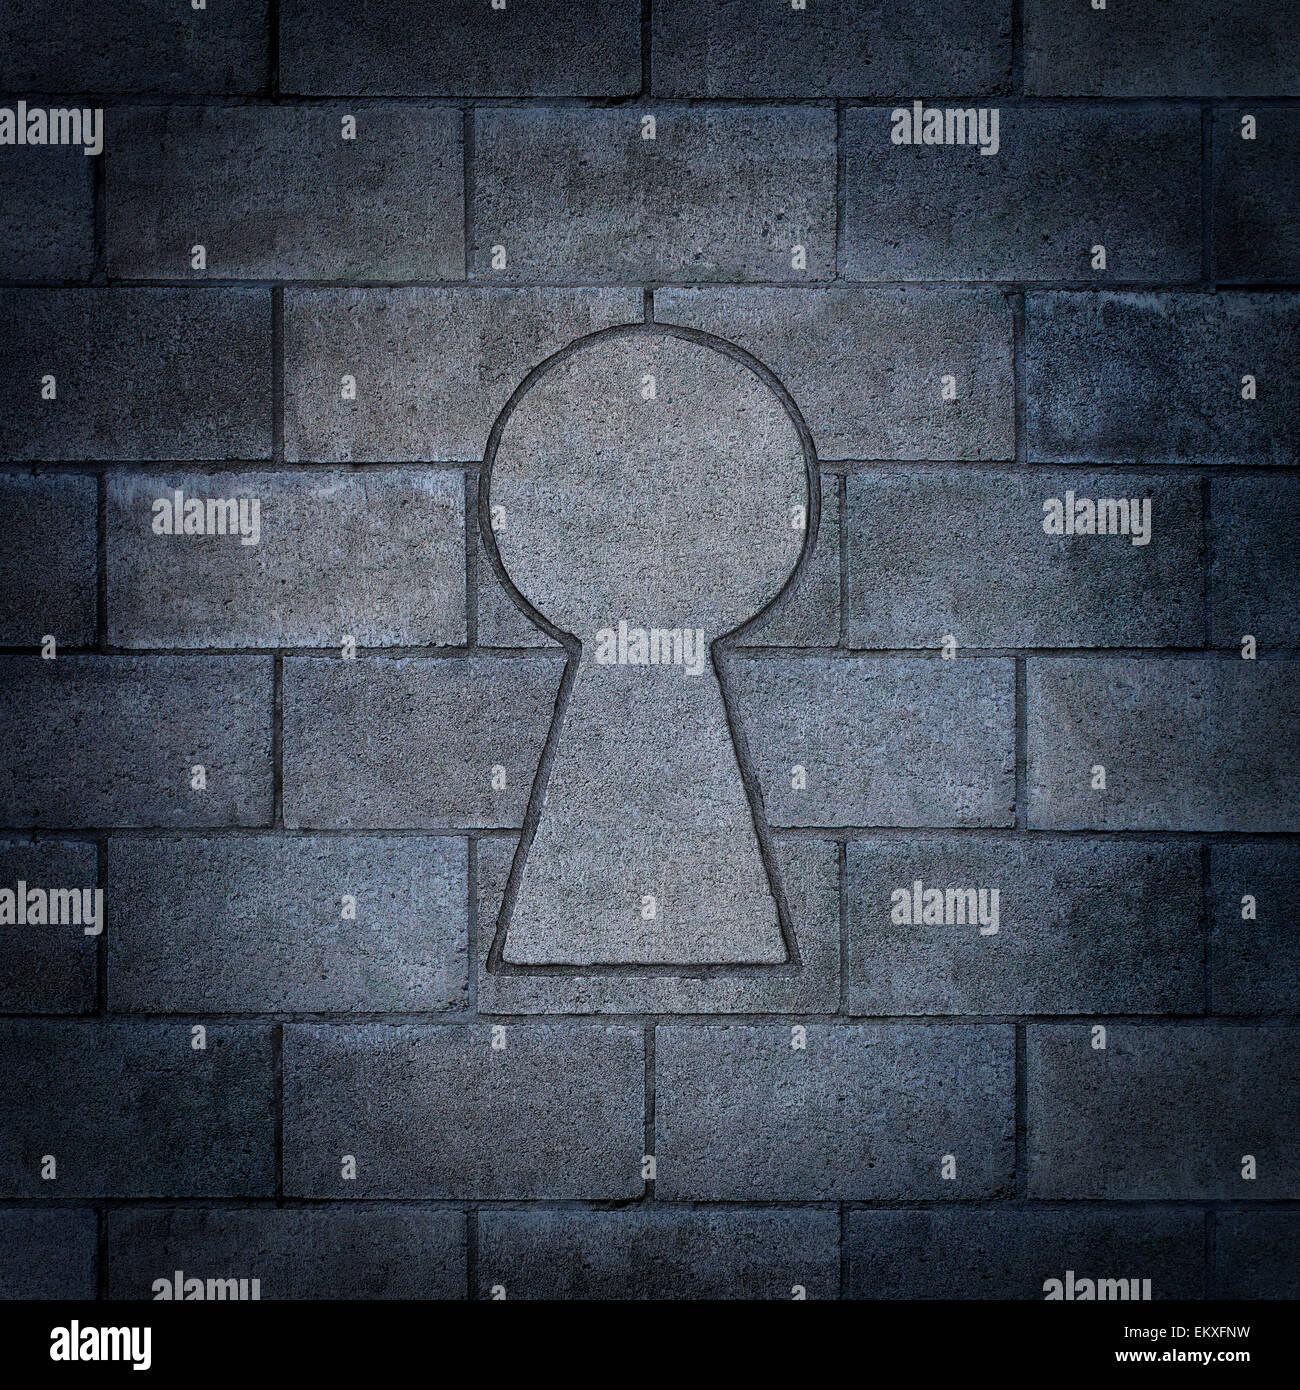 Entdeckung der Möglichkeit als eine Mauer aus Betonsteinen mit einem Betonklotz, geformt wie ein Schlüsselloch Stockbild